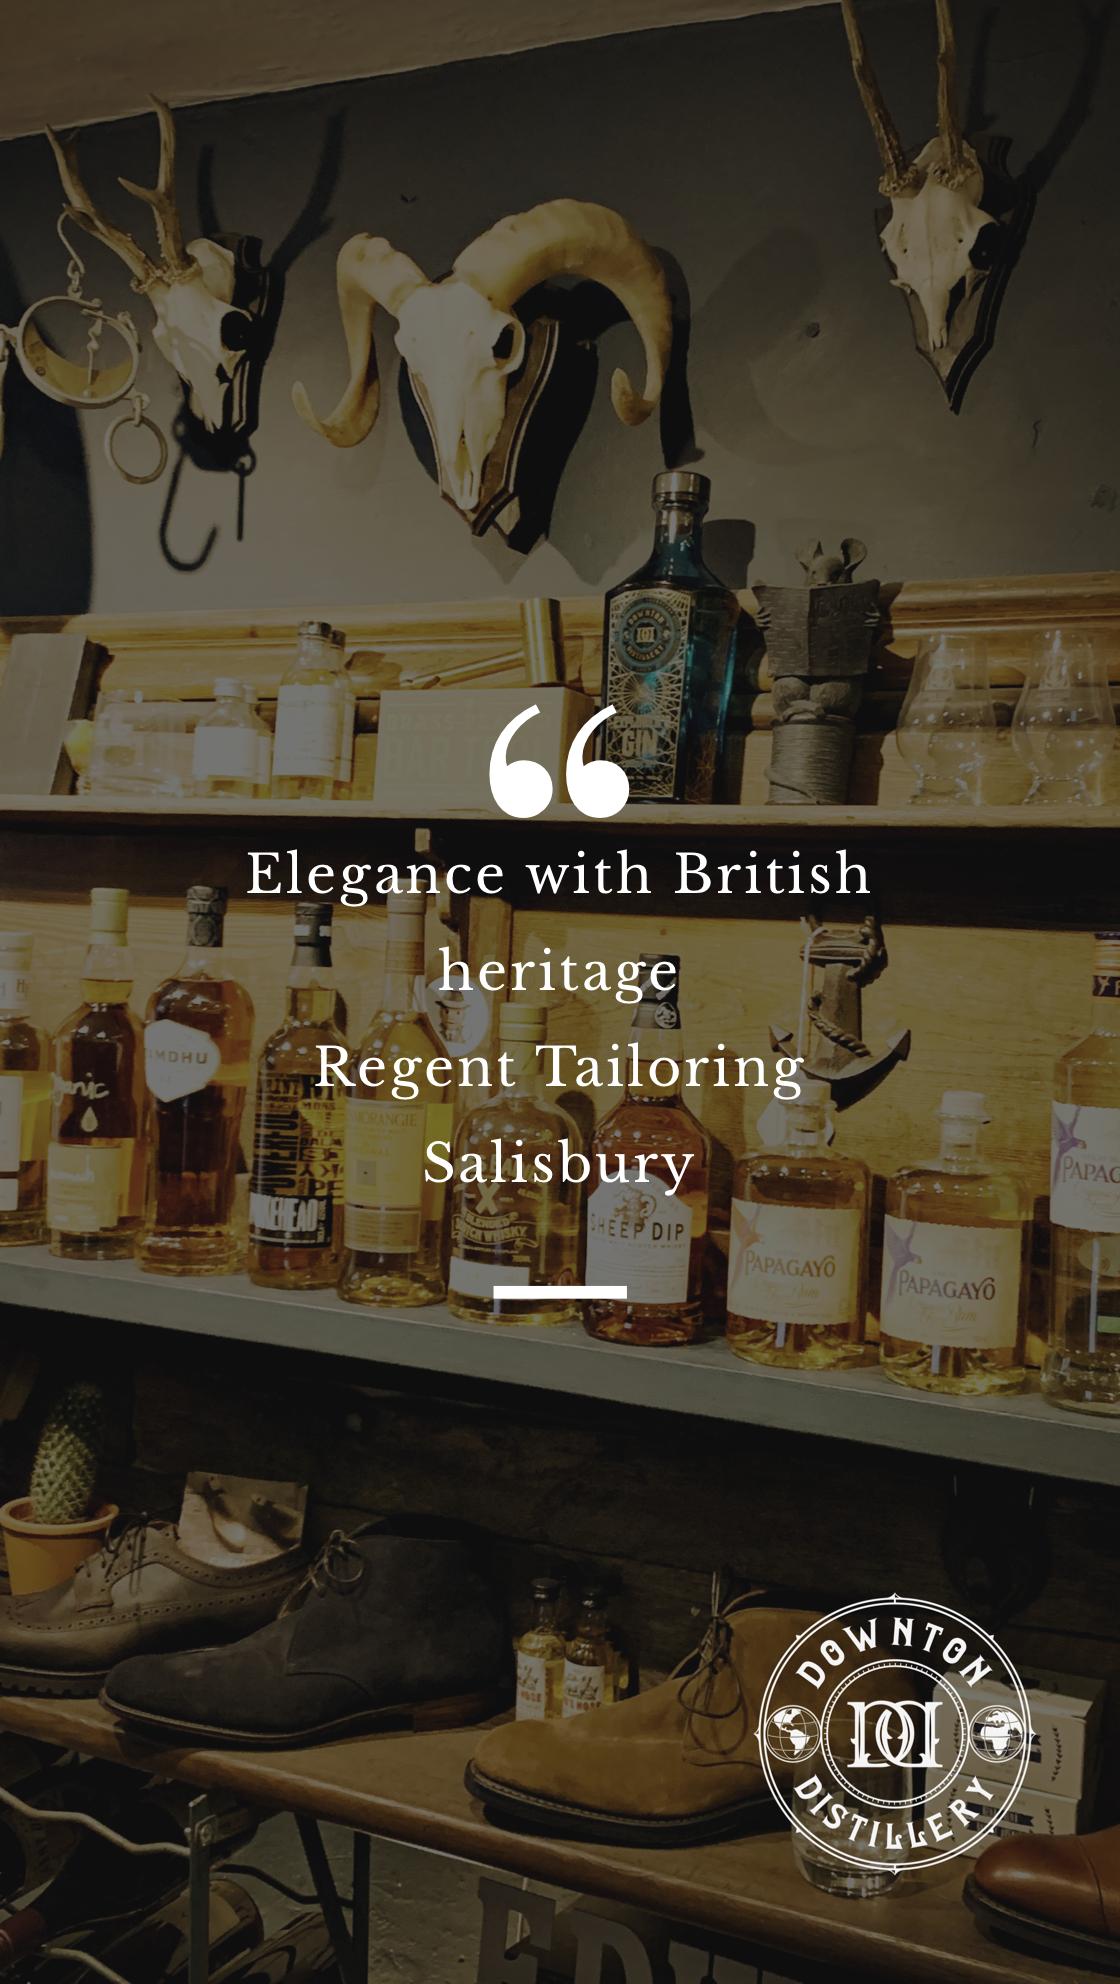 Regent Tailoring Salisbury